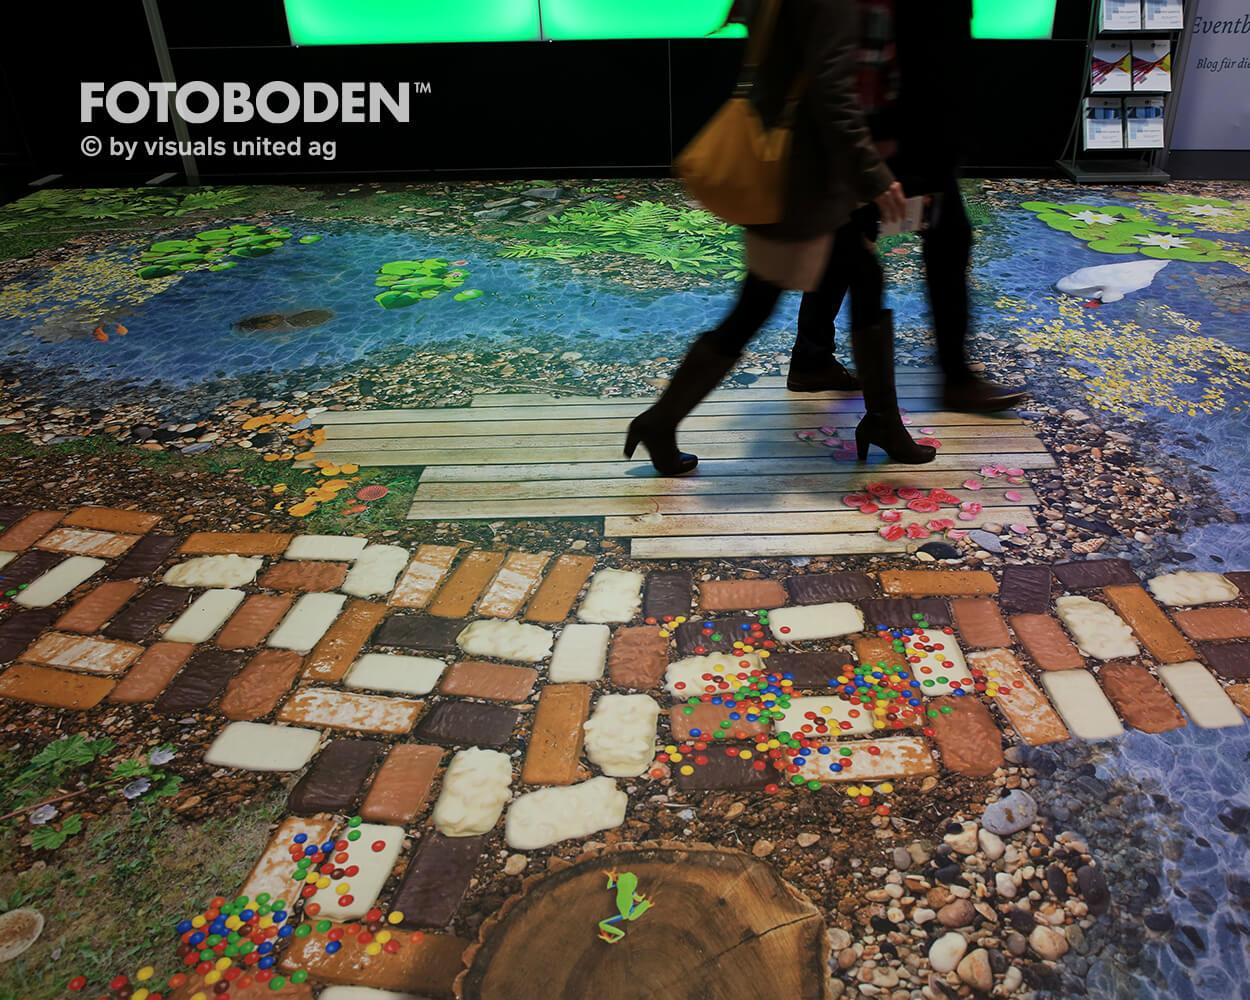 BOE2018 2 Fotoboden Messeboden Tradeshow Flooring Bodengestaltung Messe Bodendesign Messedesign Design Boden Messegestaltung